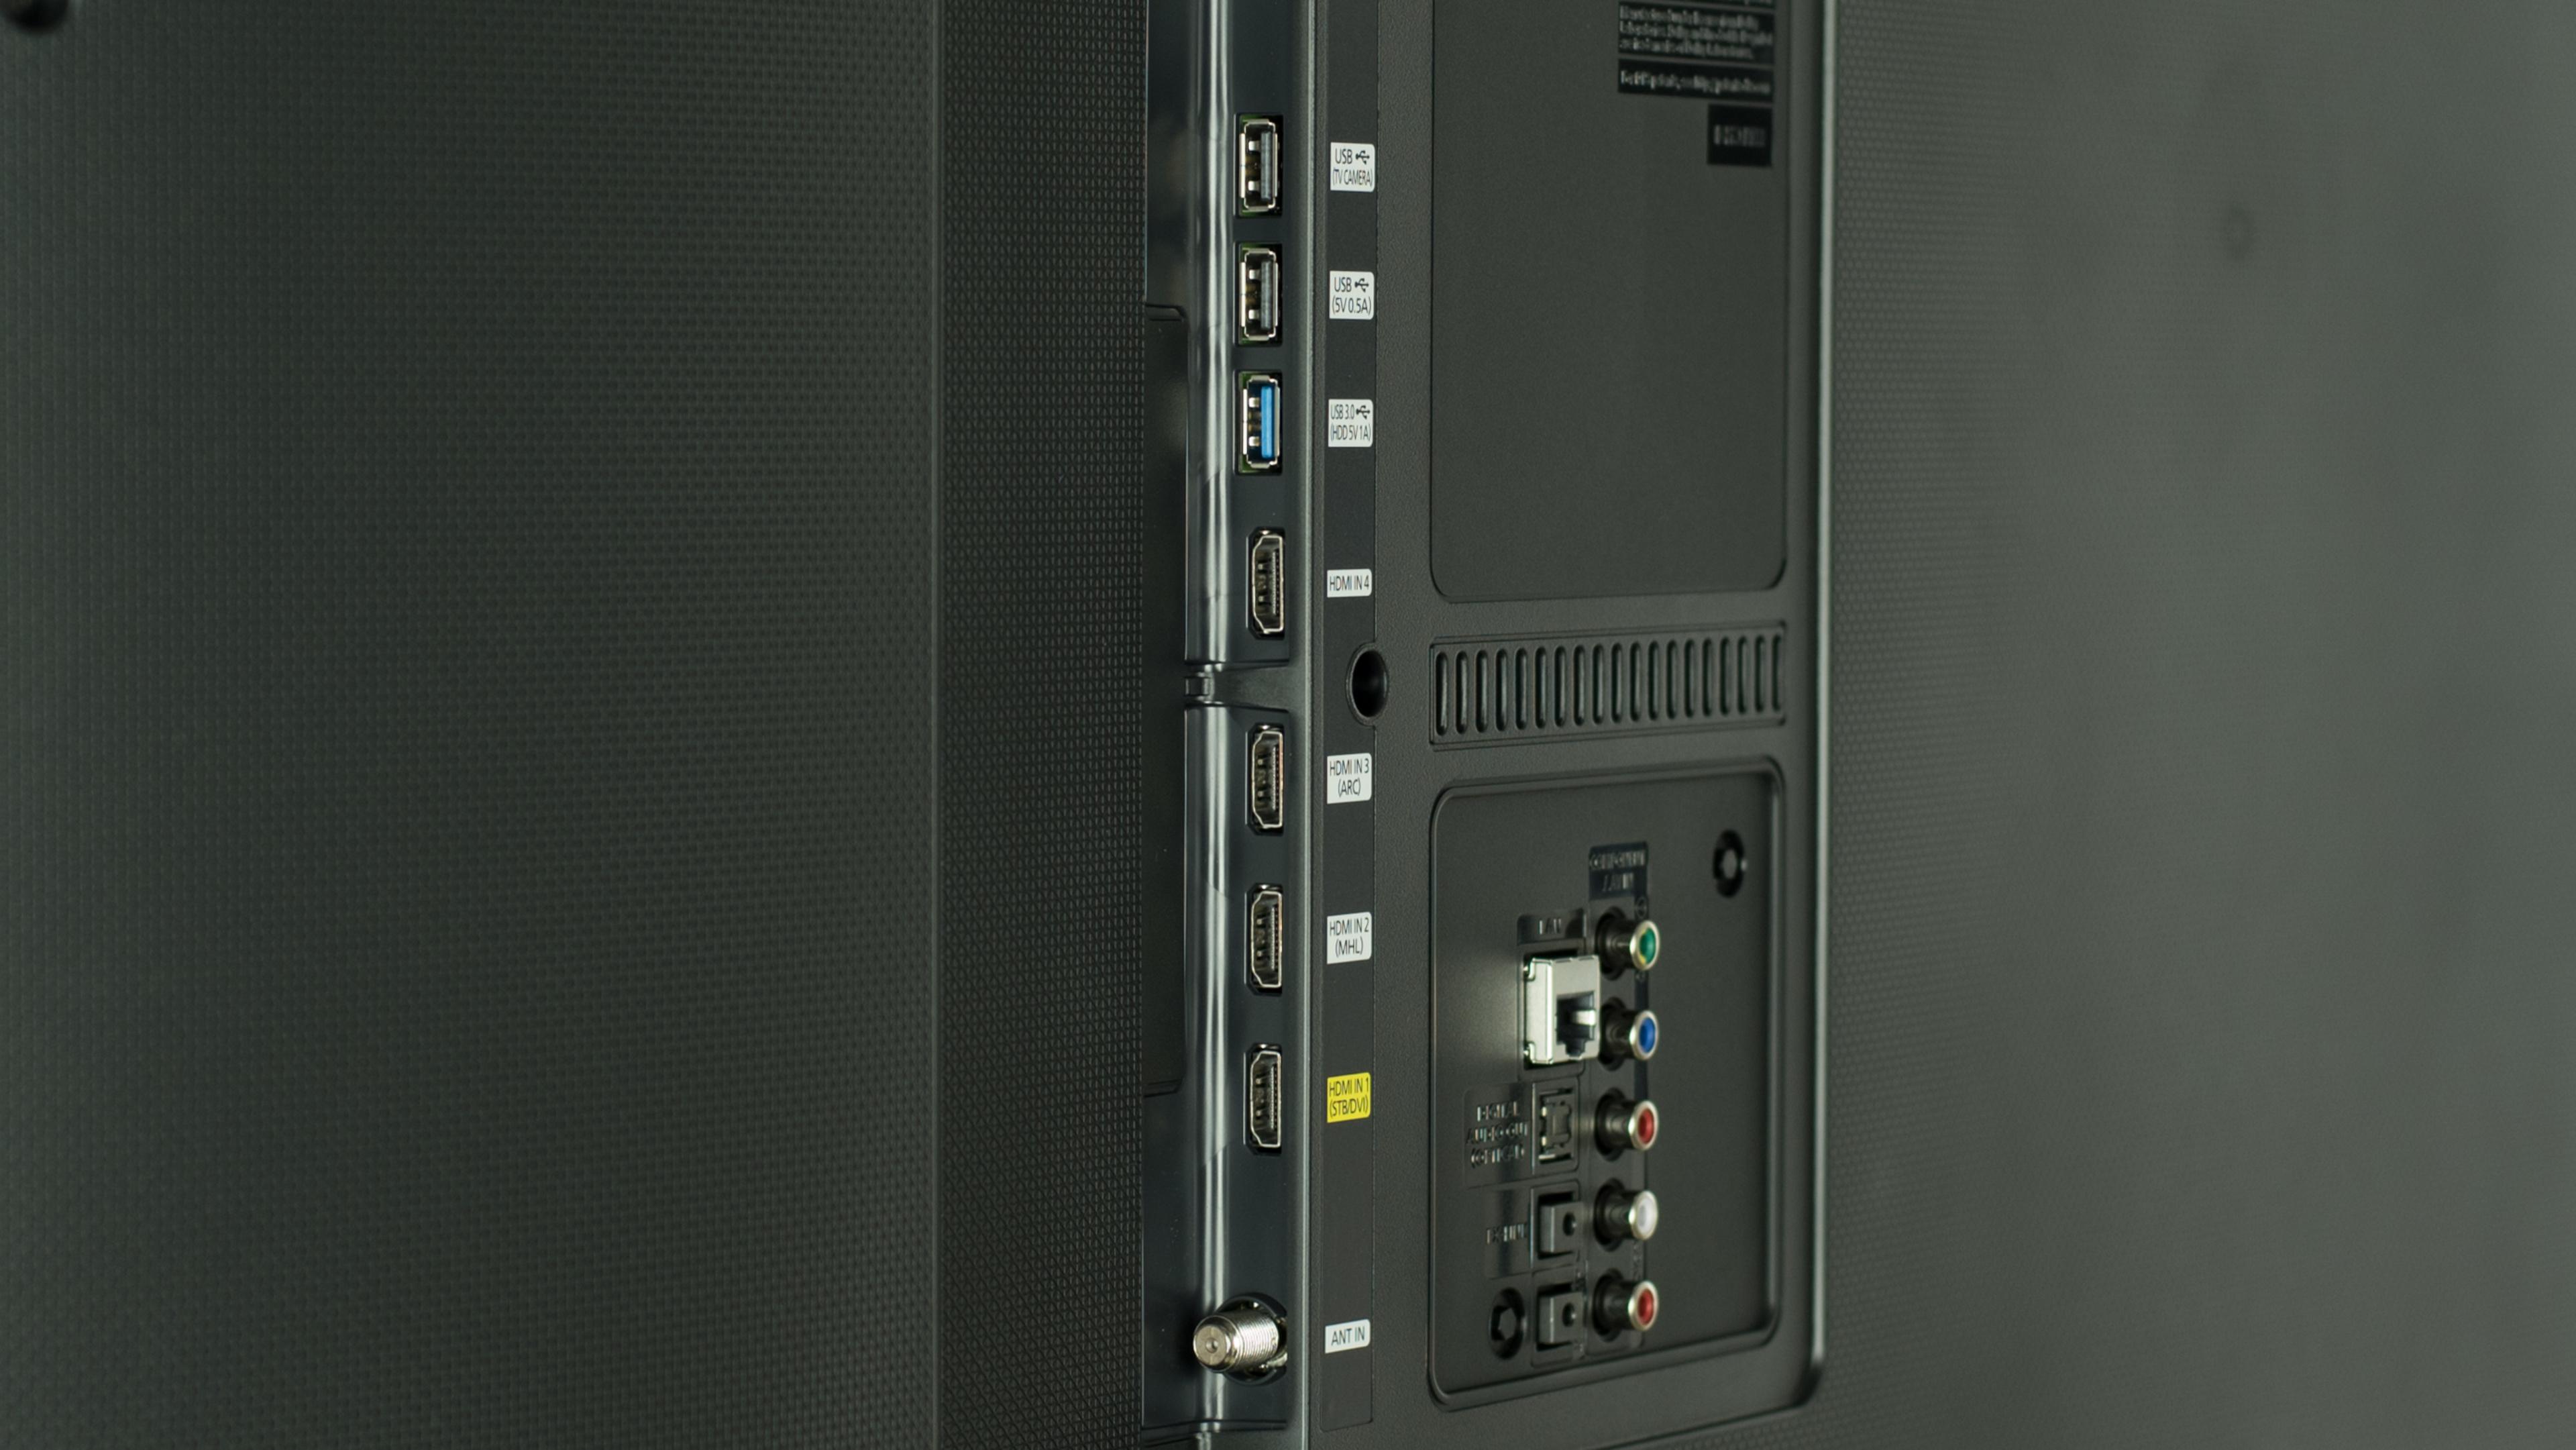 Samsung UN65JU6500